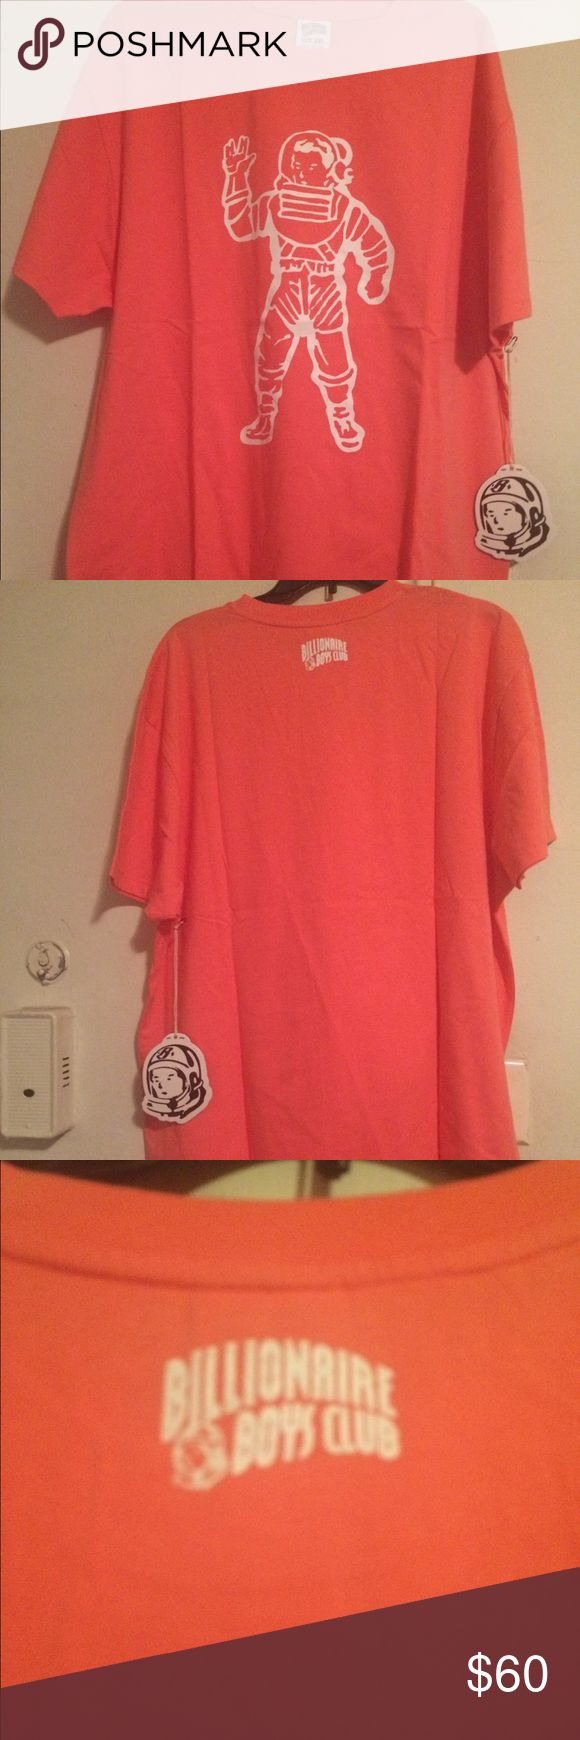 Billionaire boys club t shirt billionaire boys club tshirt. Billionaire Boys Club Shirts Tees - Short Sleeve